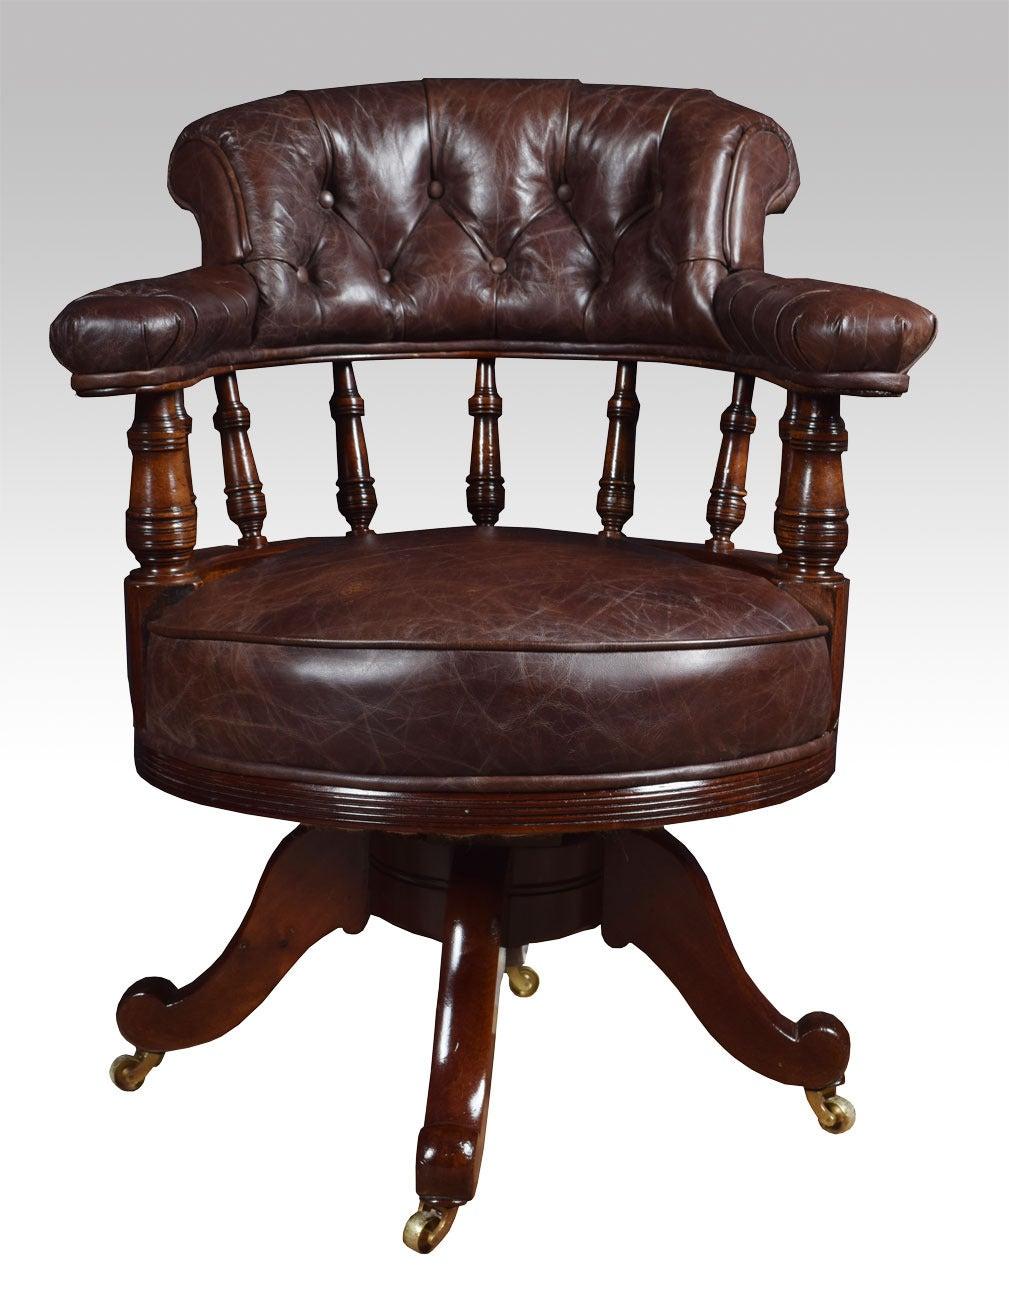 Mahogany framed captains office chair 2 - Mahogany Framed Captains Office Chair At 1stdibs